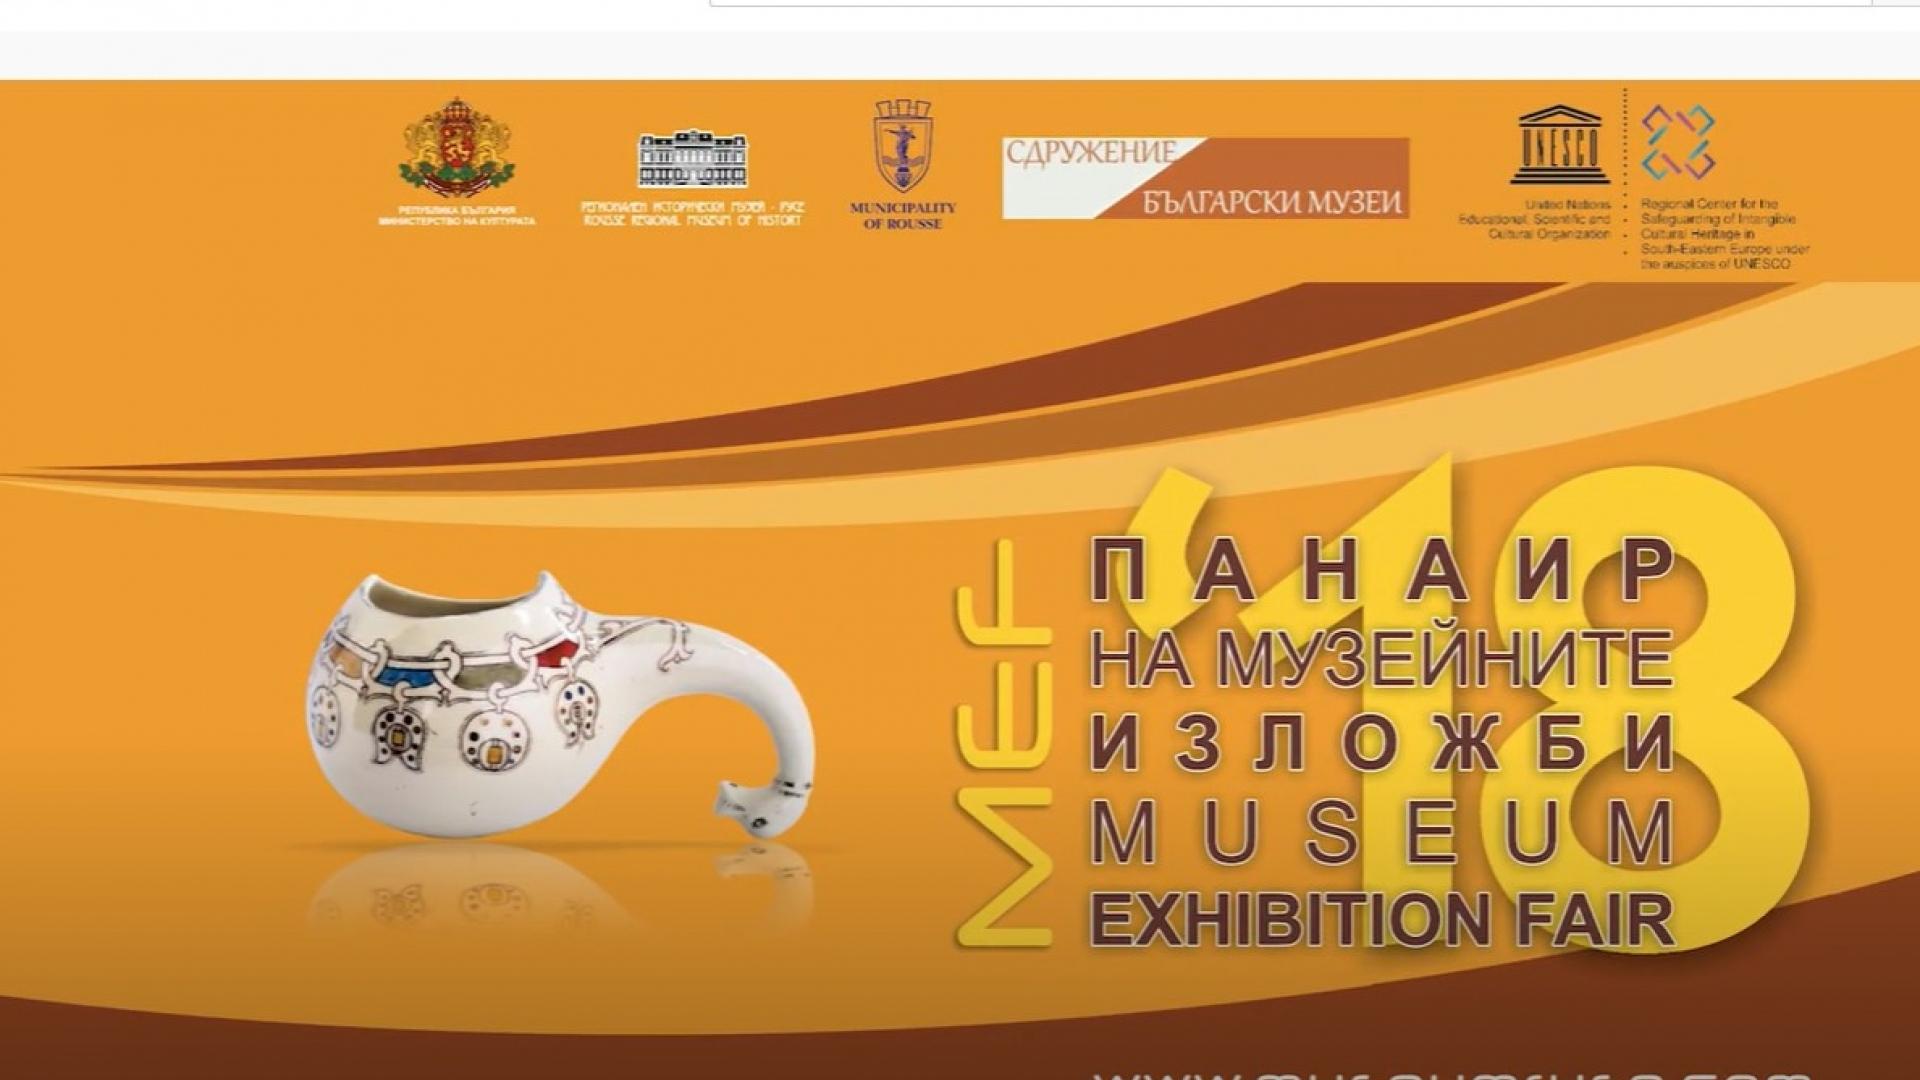 Кратки видеофилмчета популяризират работата на Русенския музей